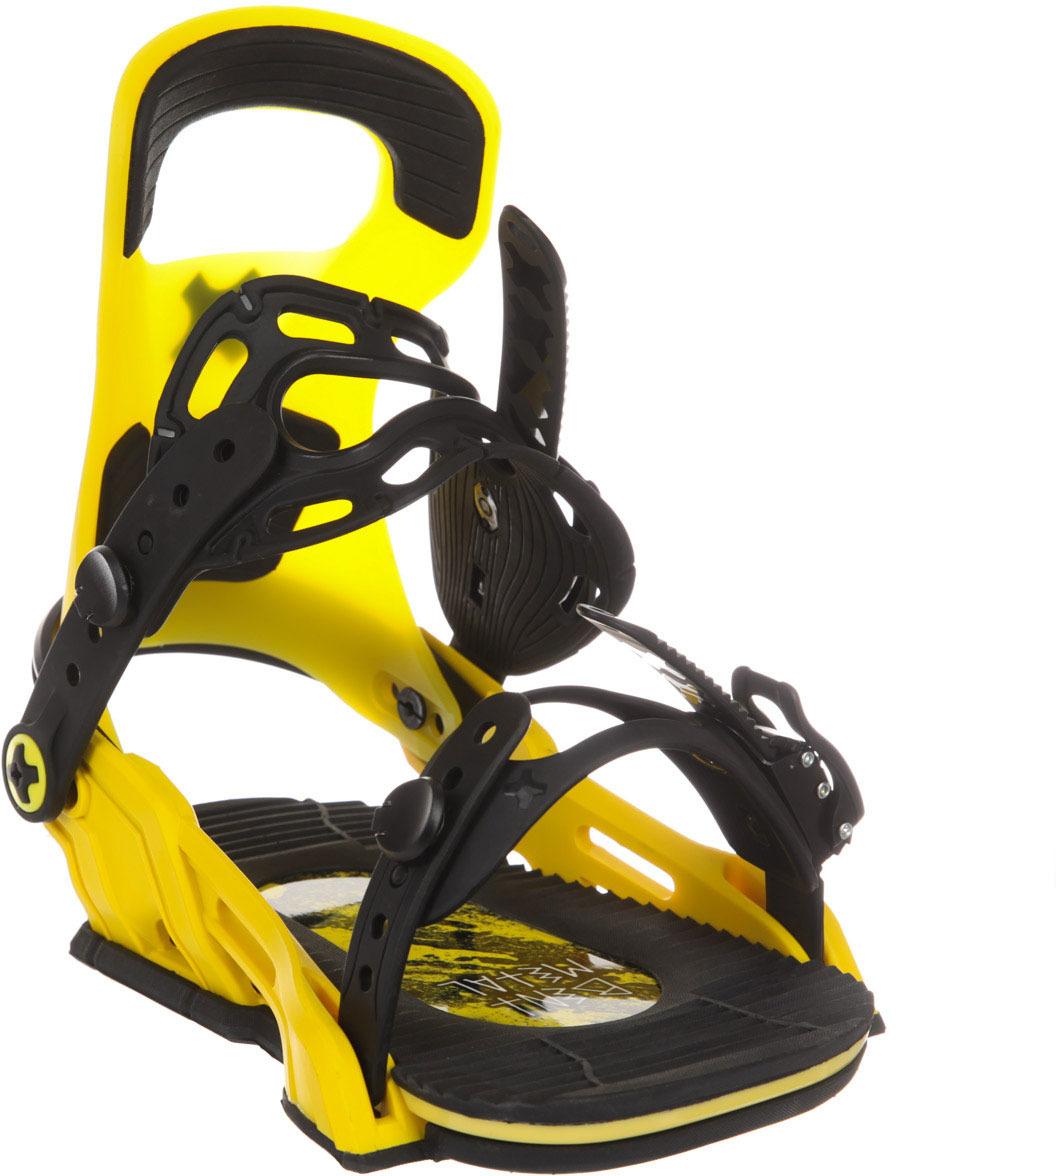 Крепление для сноуборда Bent Metal LOGIC, цвет: желтый. Размер L